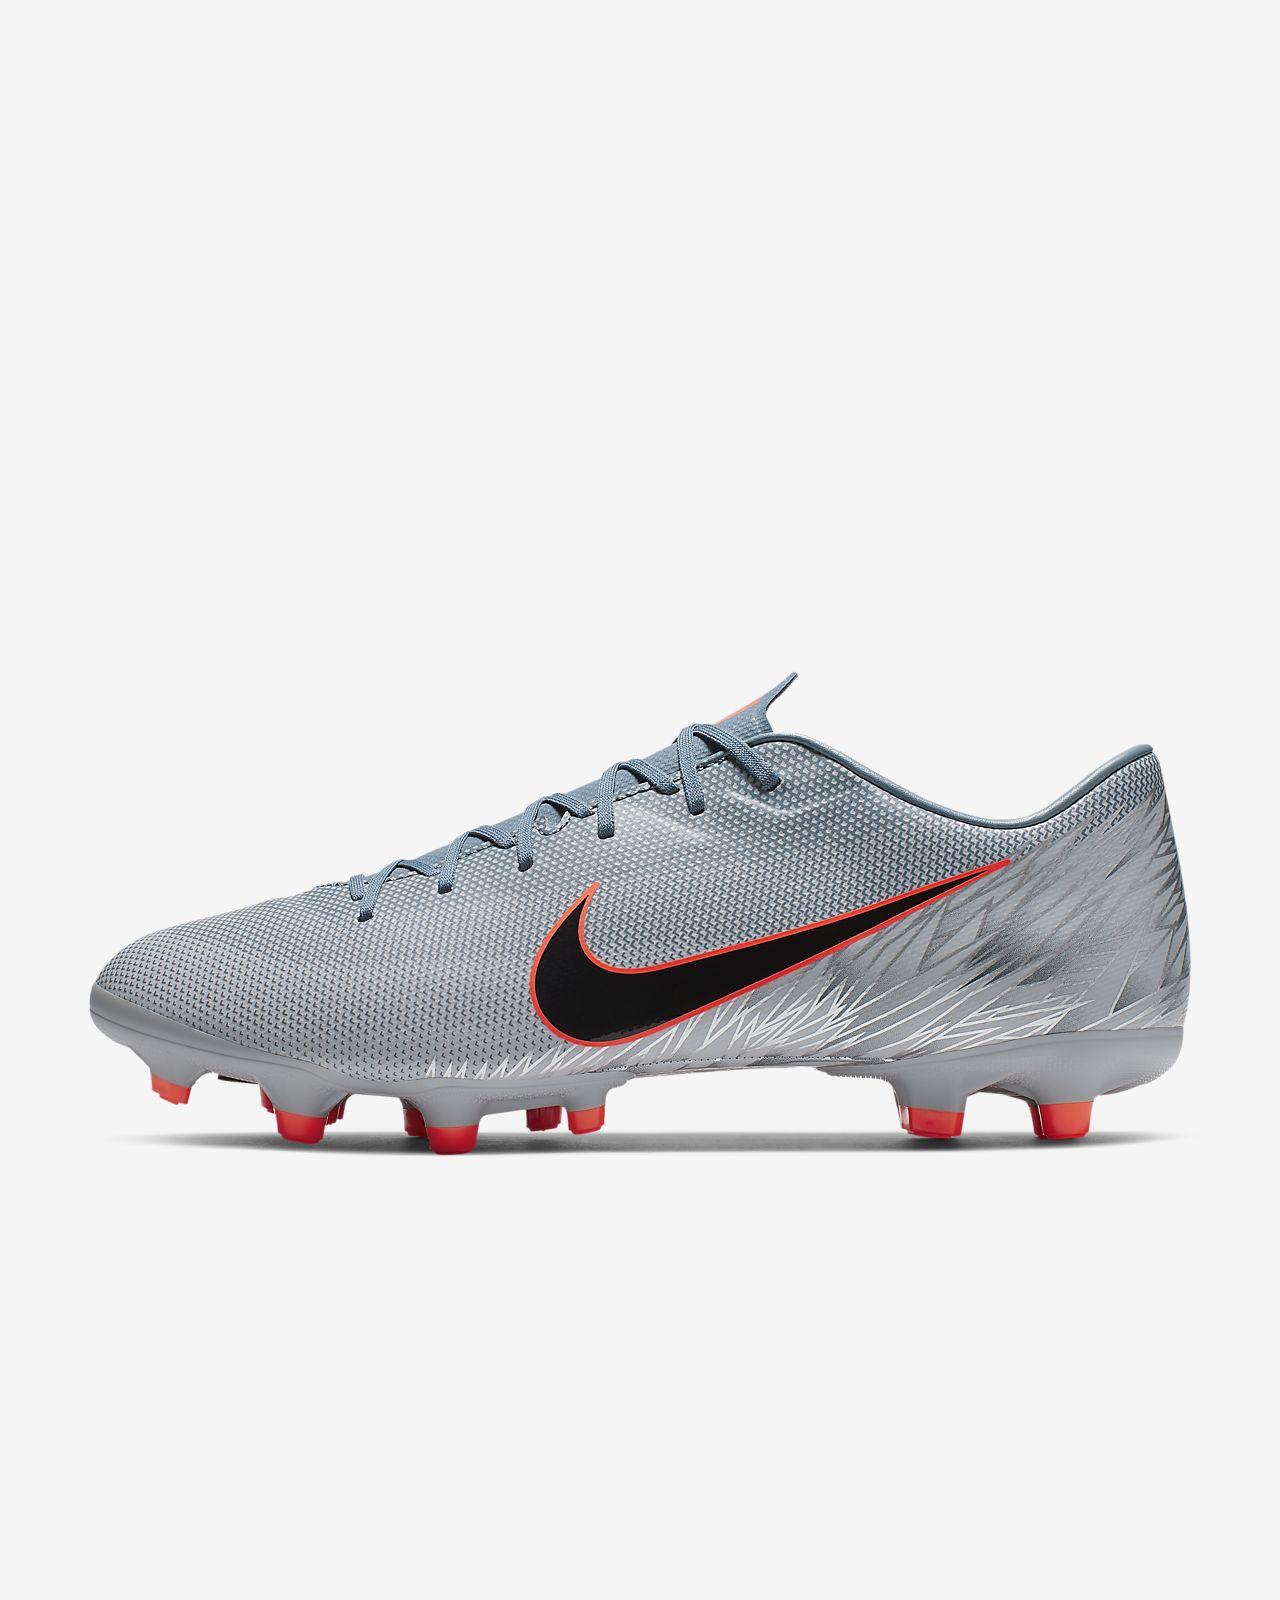 14111355b47 Nike Vapor 12 Academy MG Voetbalschoen (meerdere ondergronden). Nike ...